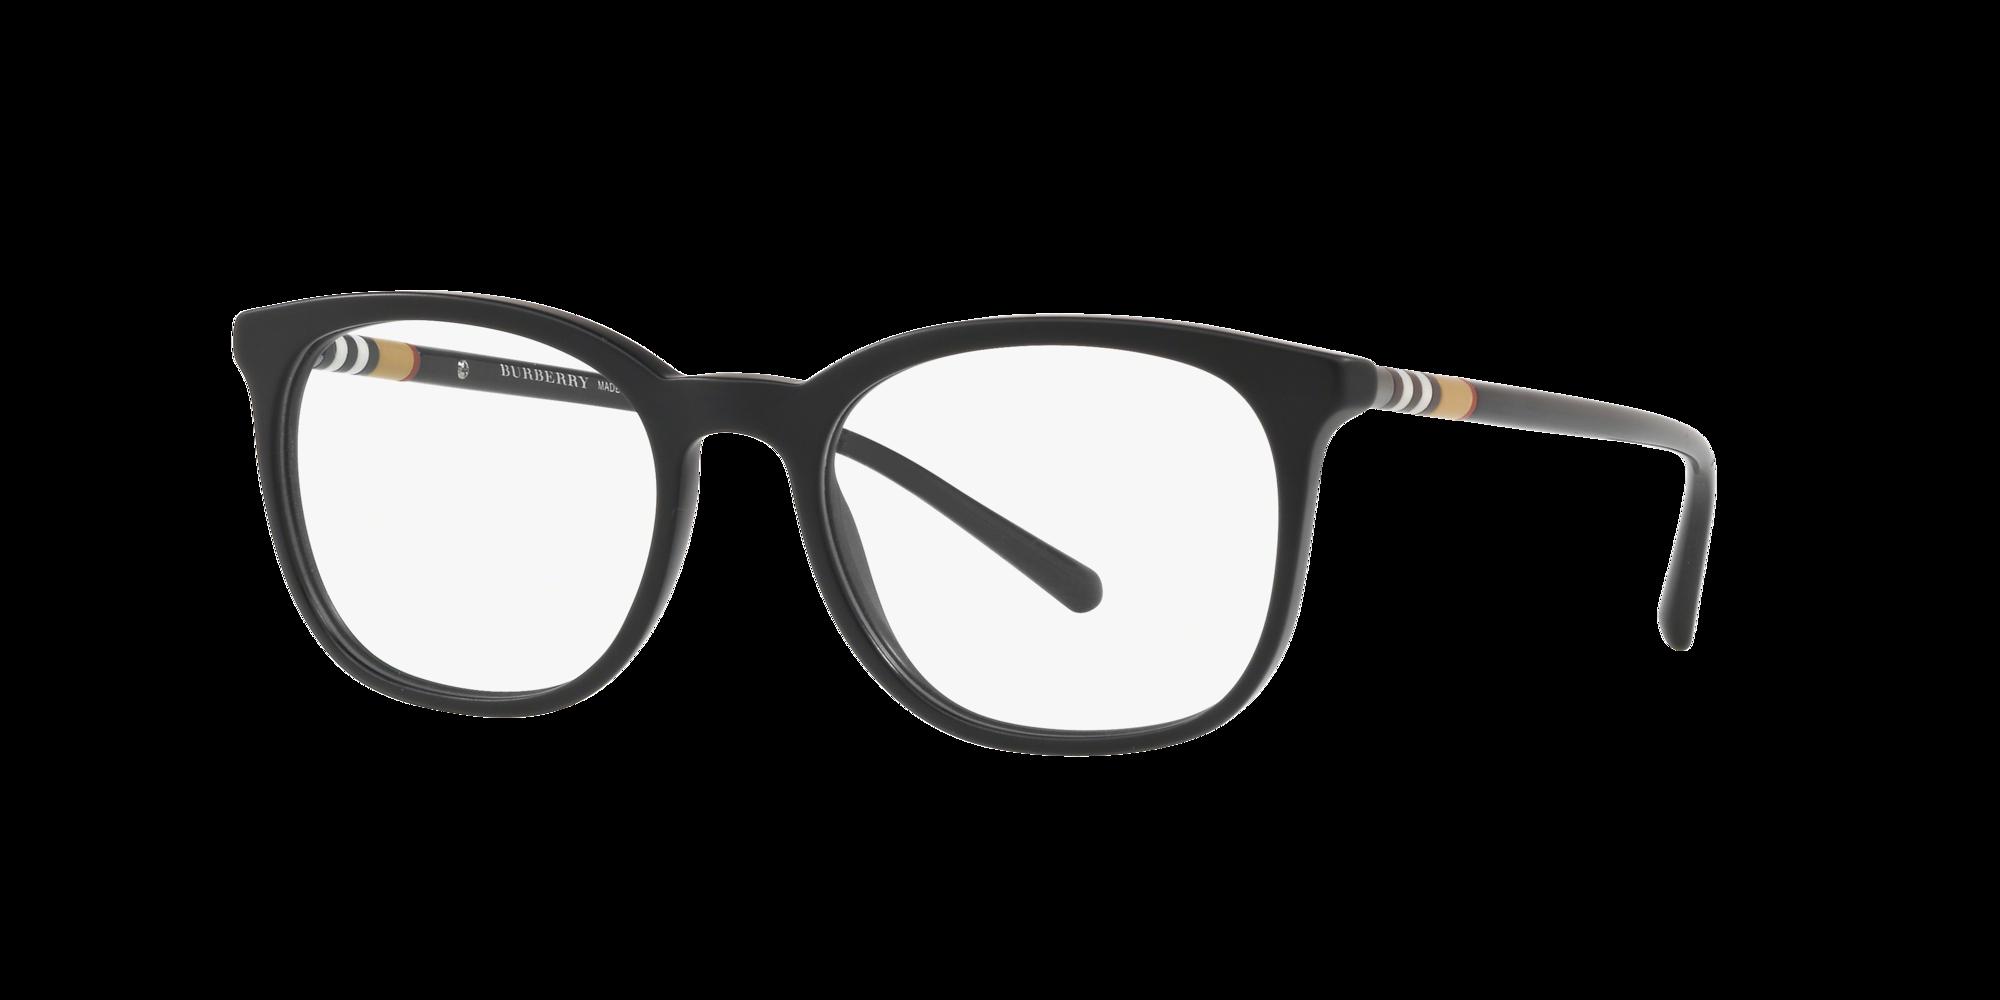 Imagen para BE2266 de LensCrafters |  Espejuelos, espejuelos graduados en línea, gafas